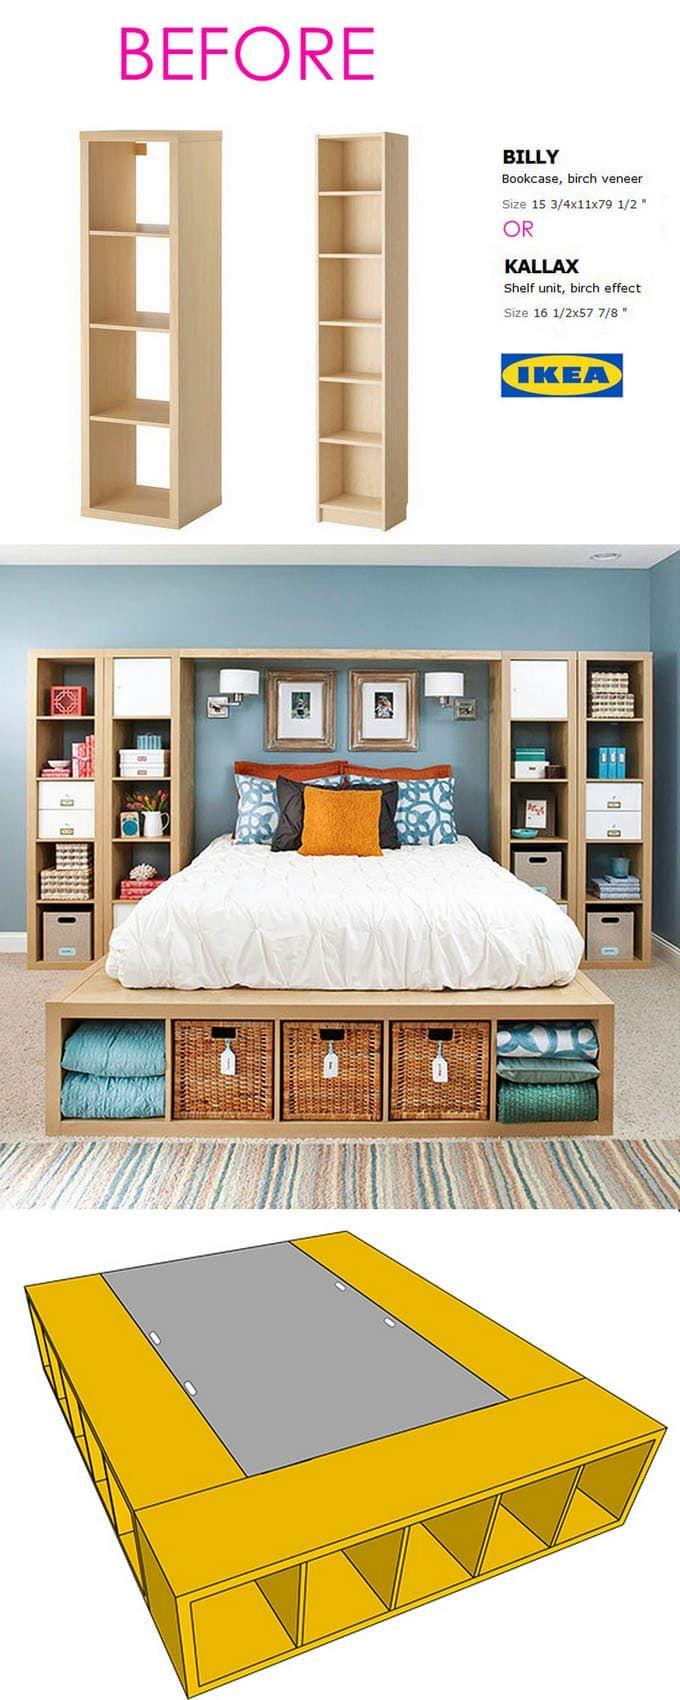 10 Projets Ikea A Faire Soi Meme Qui Sont Grandioses Avec Images Deco Maison Idees De Meubles Idees Chambre